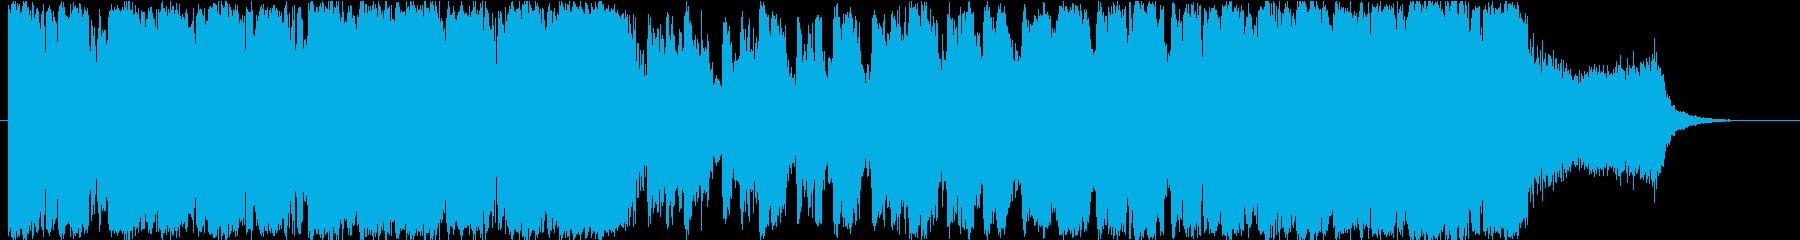 重く迫力のある壮大なオーケストラ 魔王の再生済みの波形